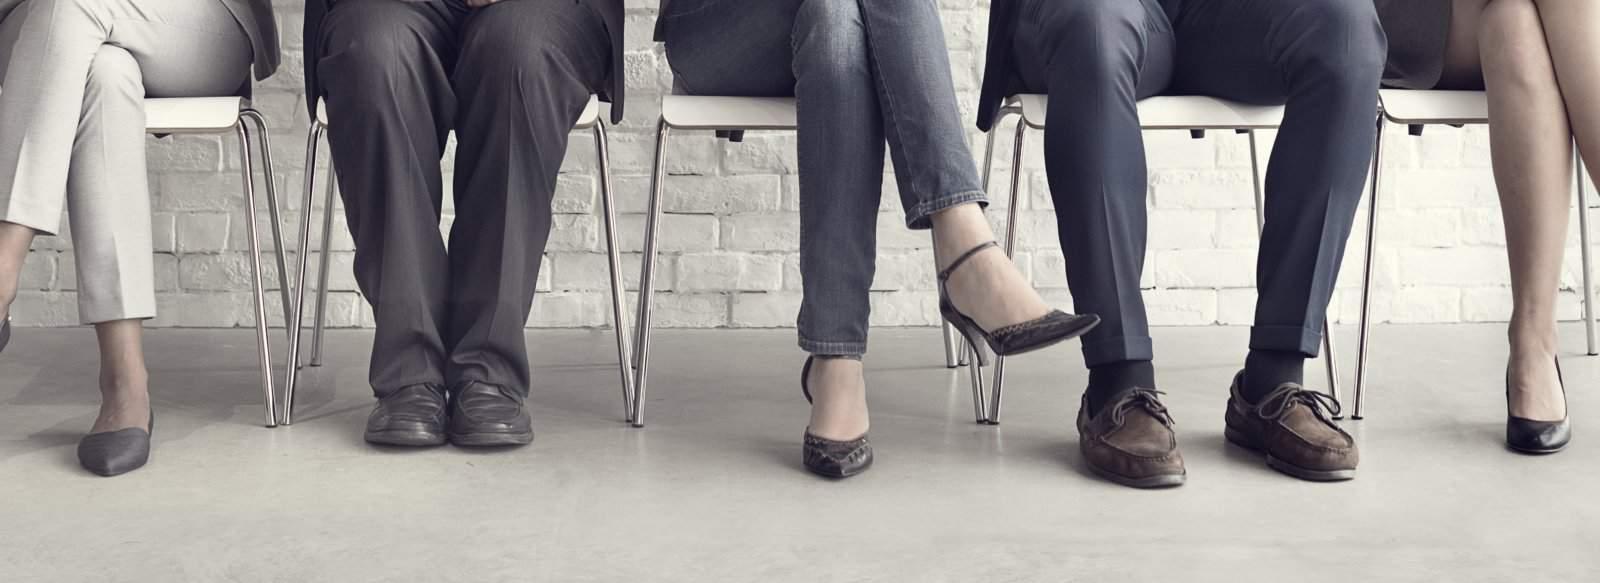 Stellenangebote und Karriere Career